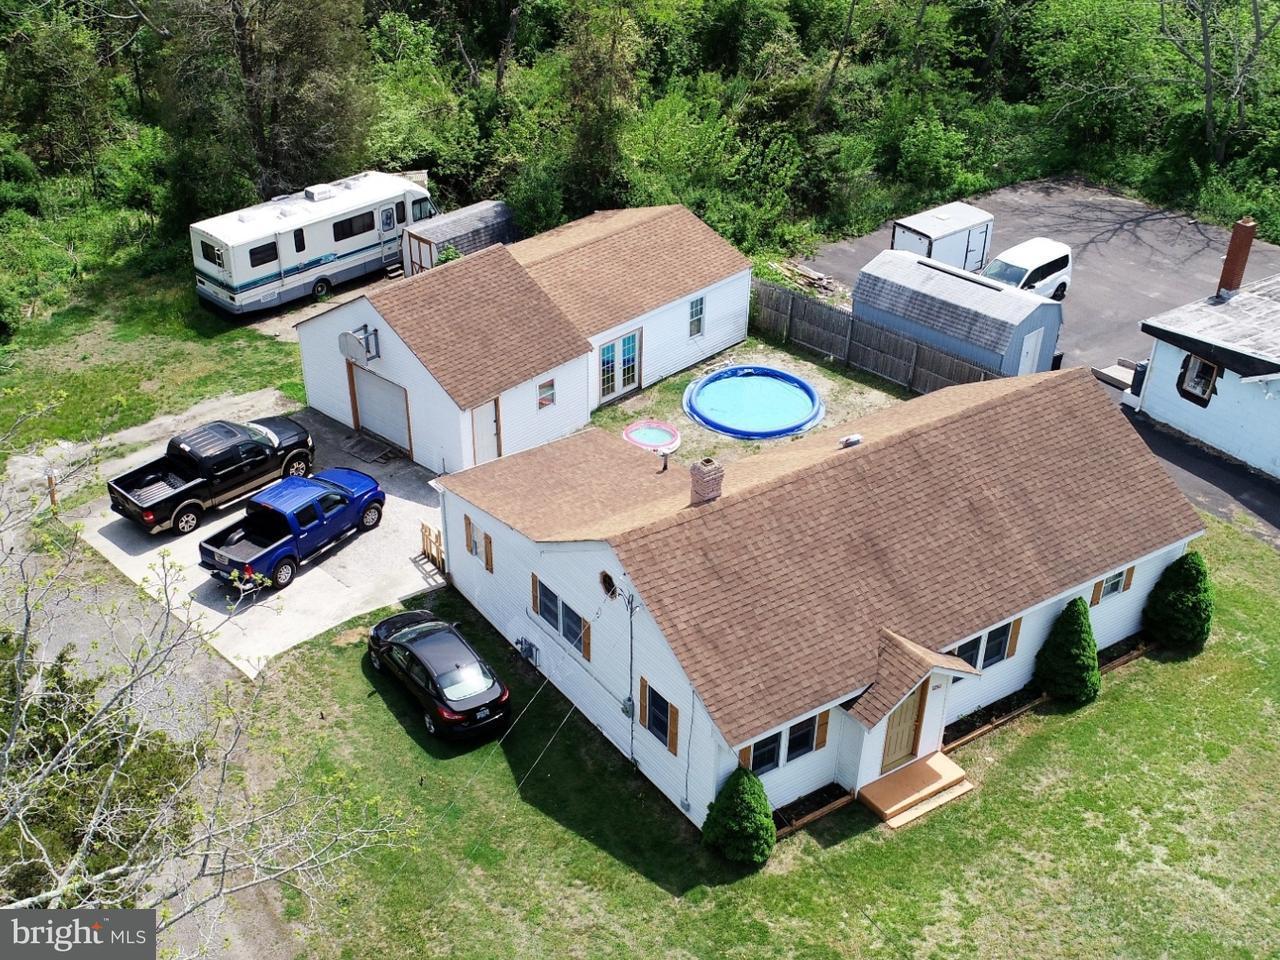 獨棟家庭住宅 為 出售 在 1230 ROUTE 9 S Cape May Court House, 新澤西州 08210 美國